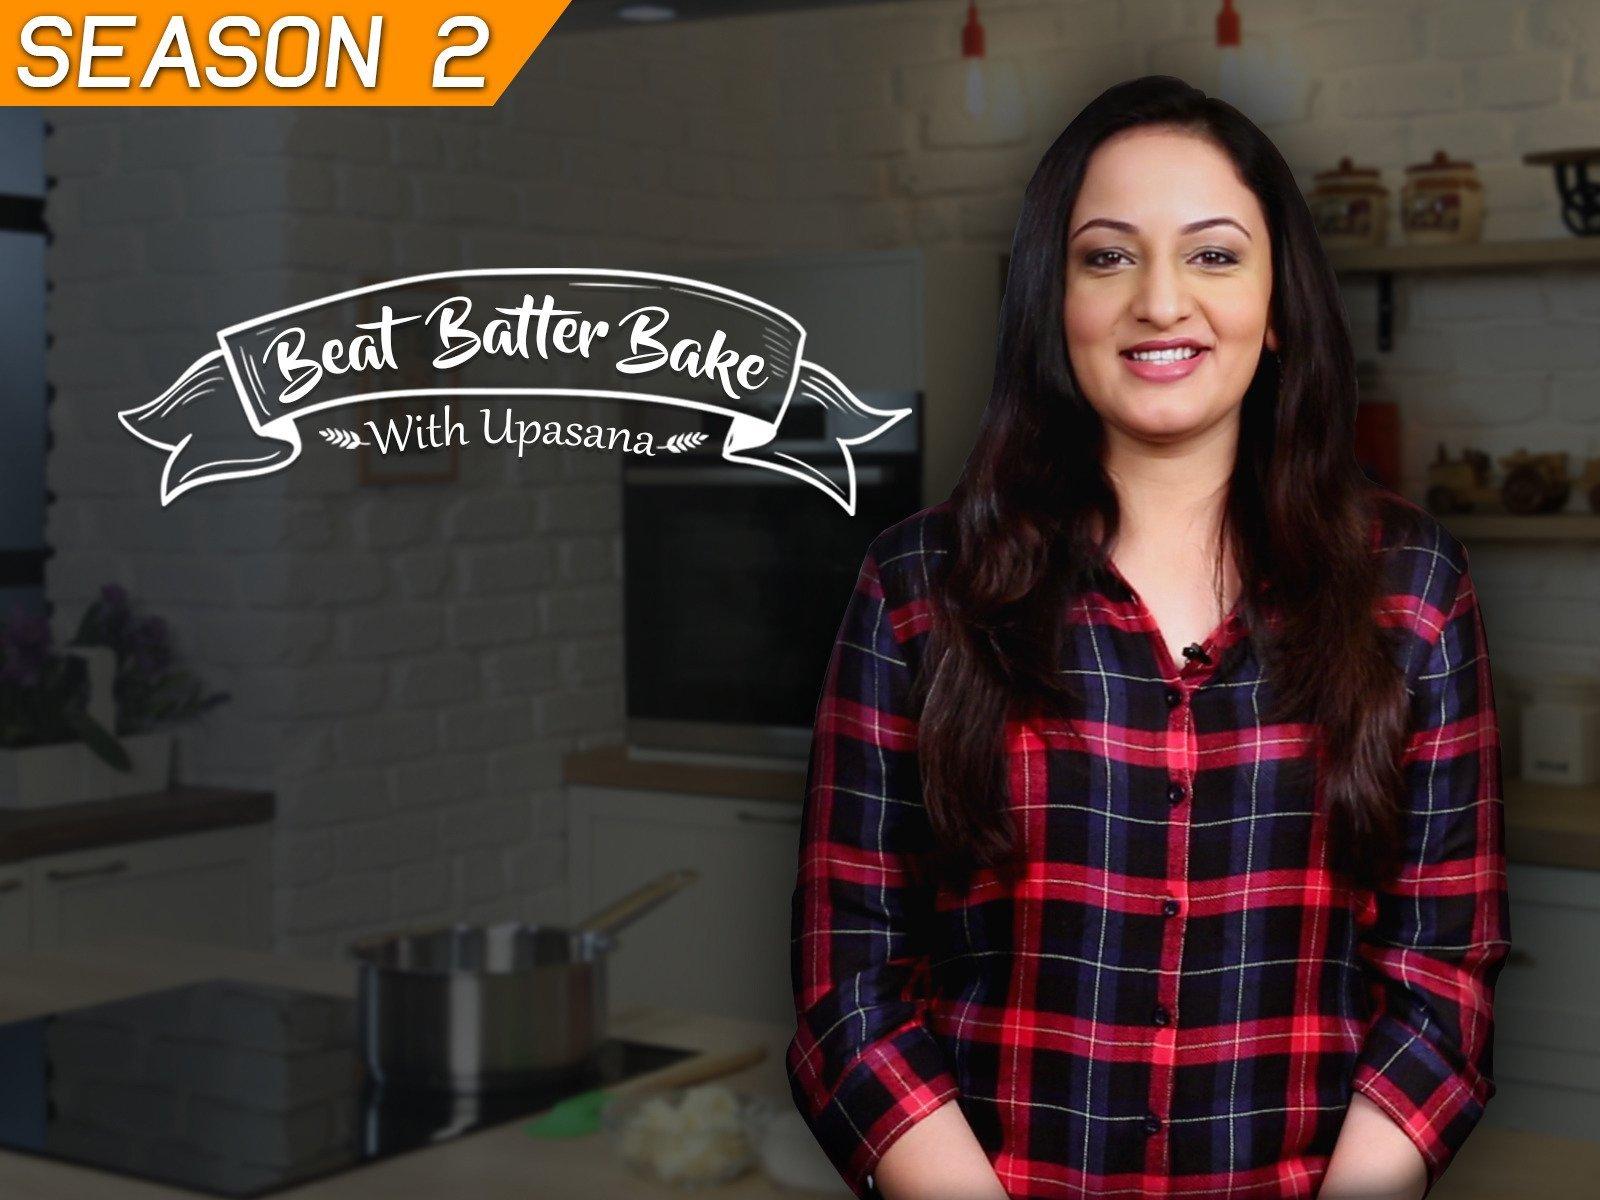 Clip: Basics of Baking with Upsana - Season 1